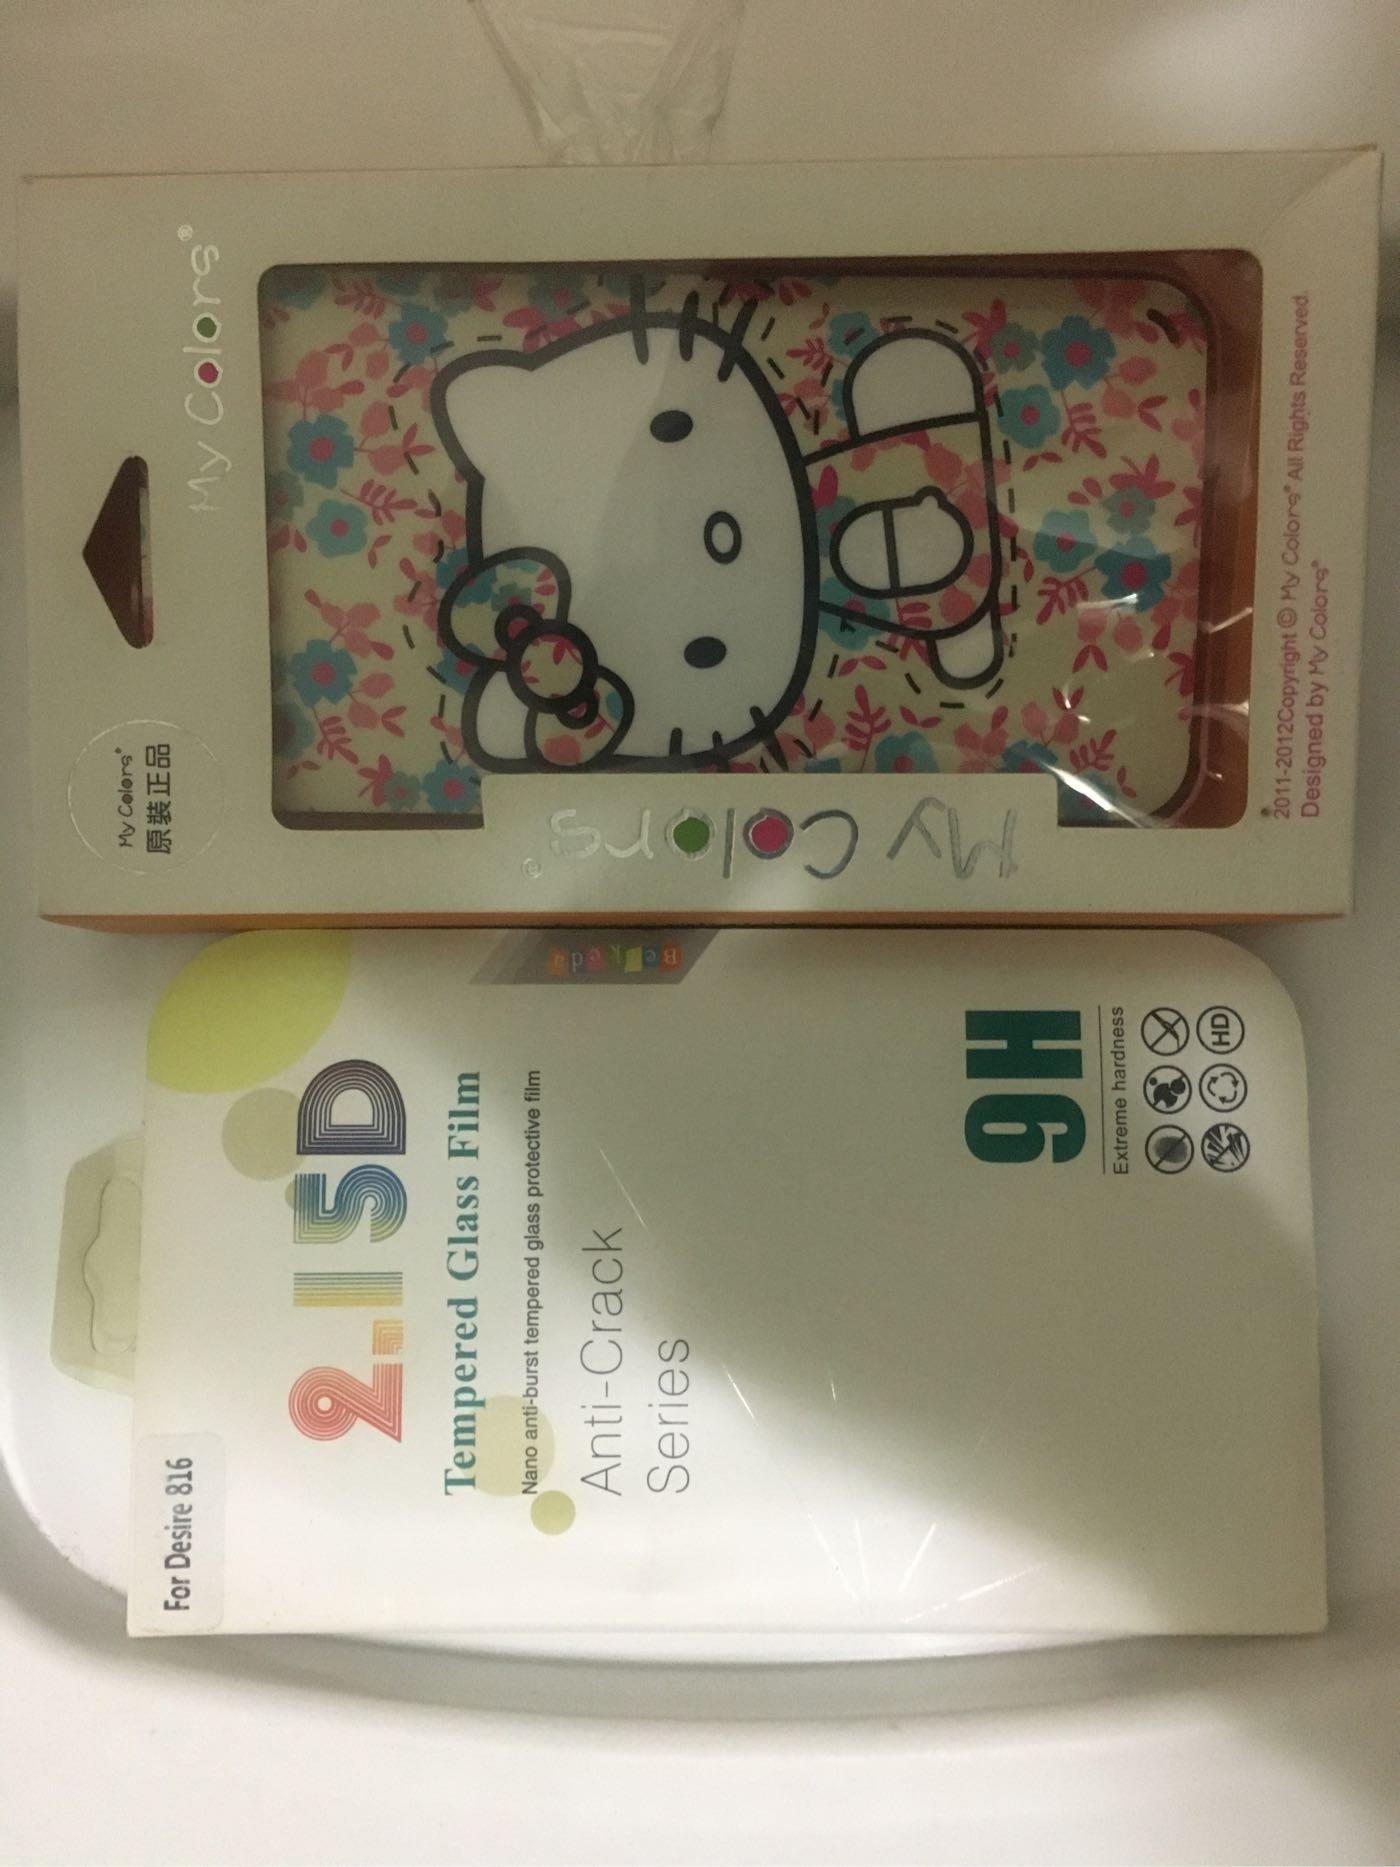 現貨禮包 HTC 816 手機殼~~~不挑款背殼+鋼化玻璃貼,只要$88 {全新 無用過}